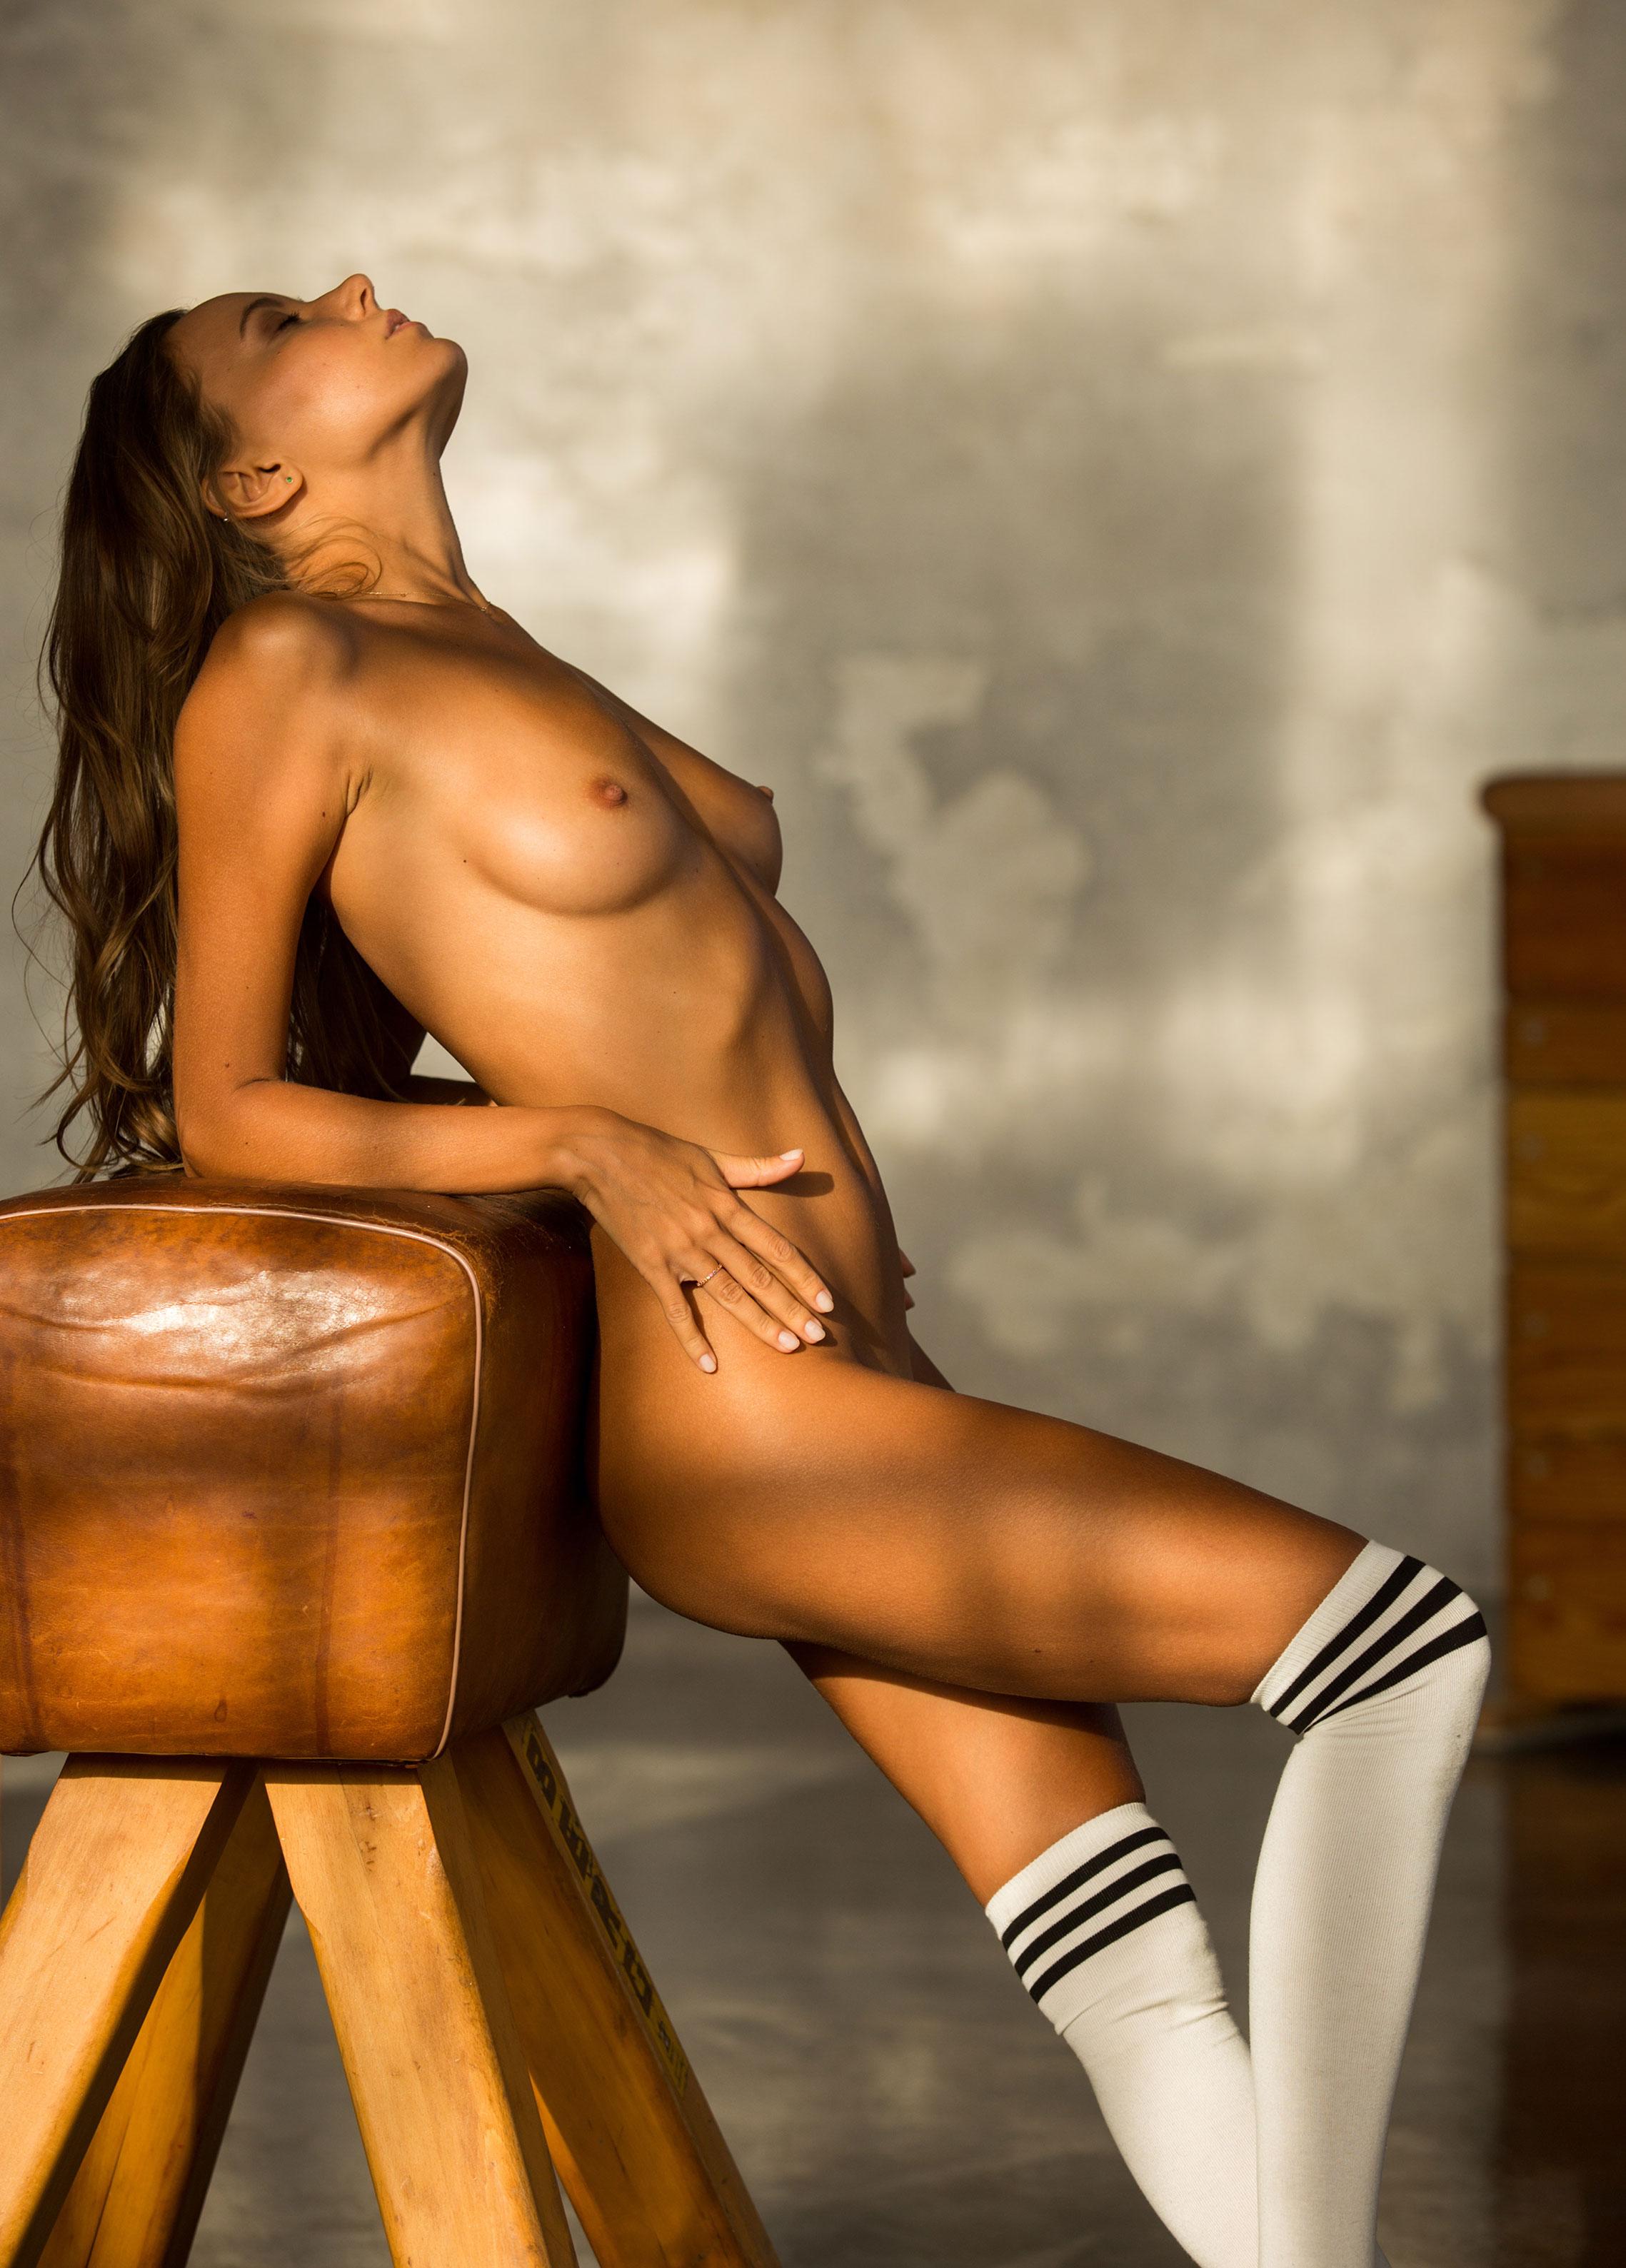 голая Катя Кловер занимается гимнастикой в спортзале / фото 15